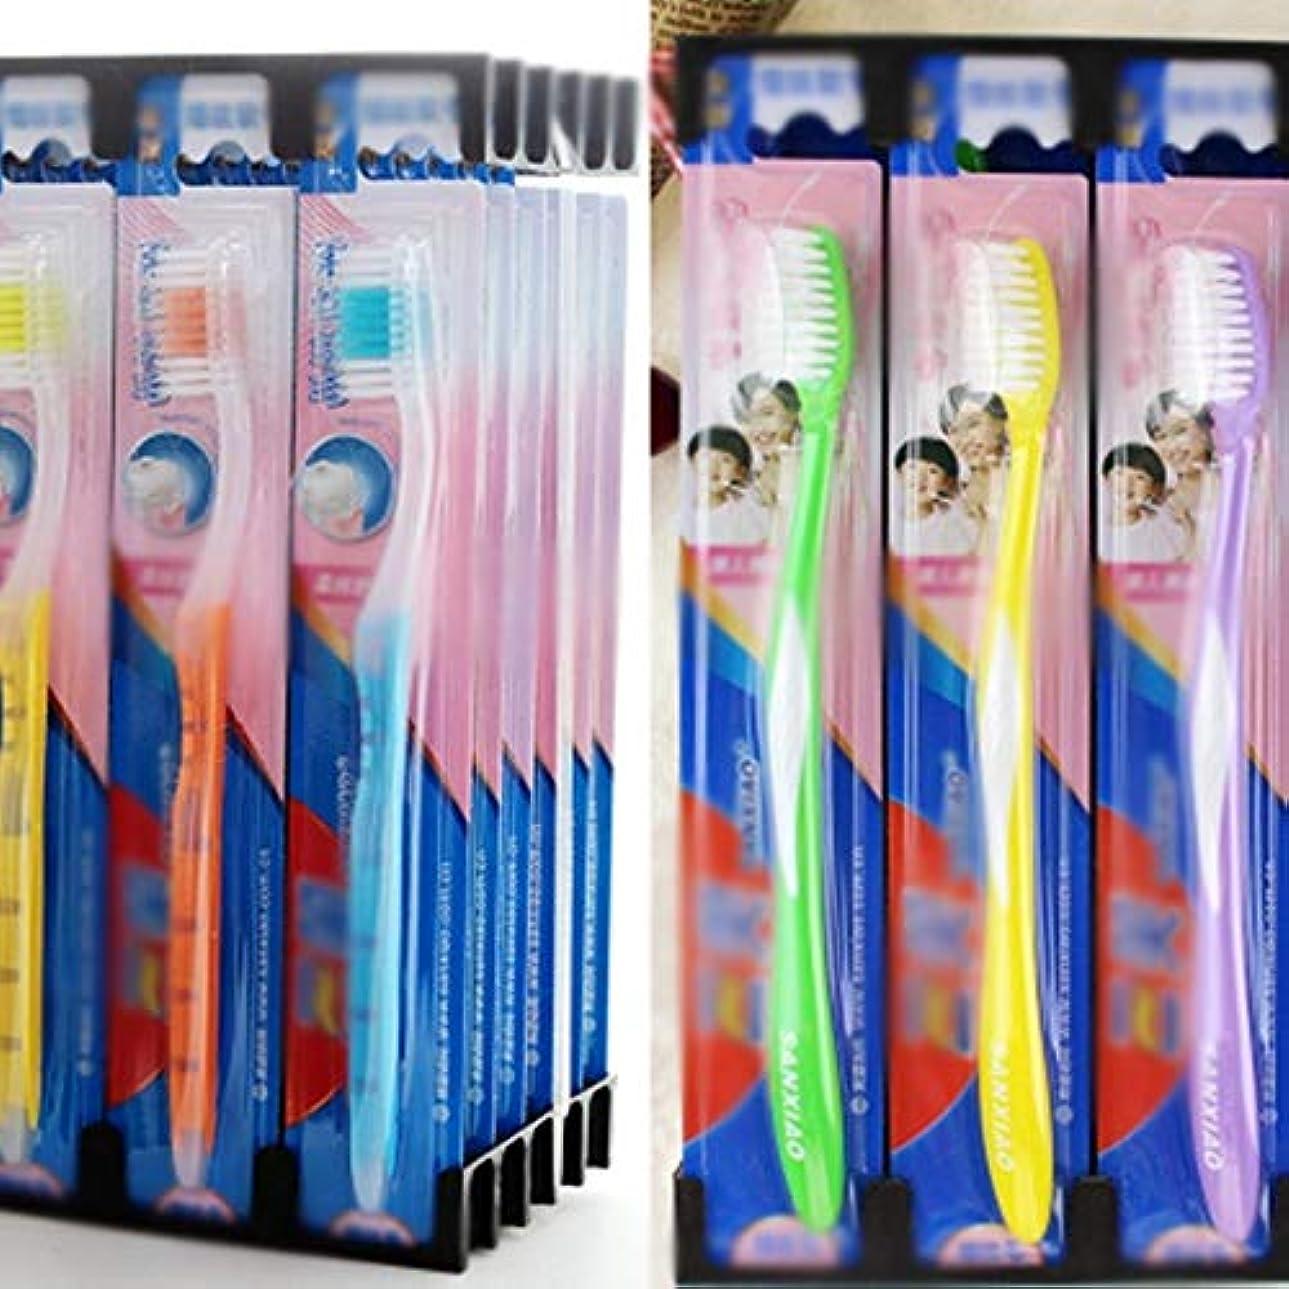 違反安定したなんとなく歯ブラシ 30パック歯ブラシ、家族バルク成人歯ブラシ、2つのスタイル混合包装歯ブラシ - 任意8つの組み合わせ KHL (色 : D, サイズ : 30 packs)